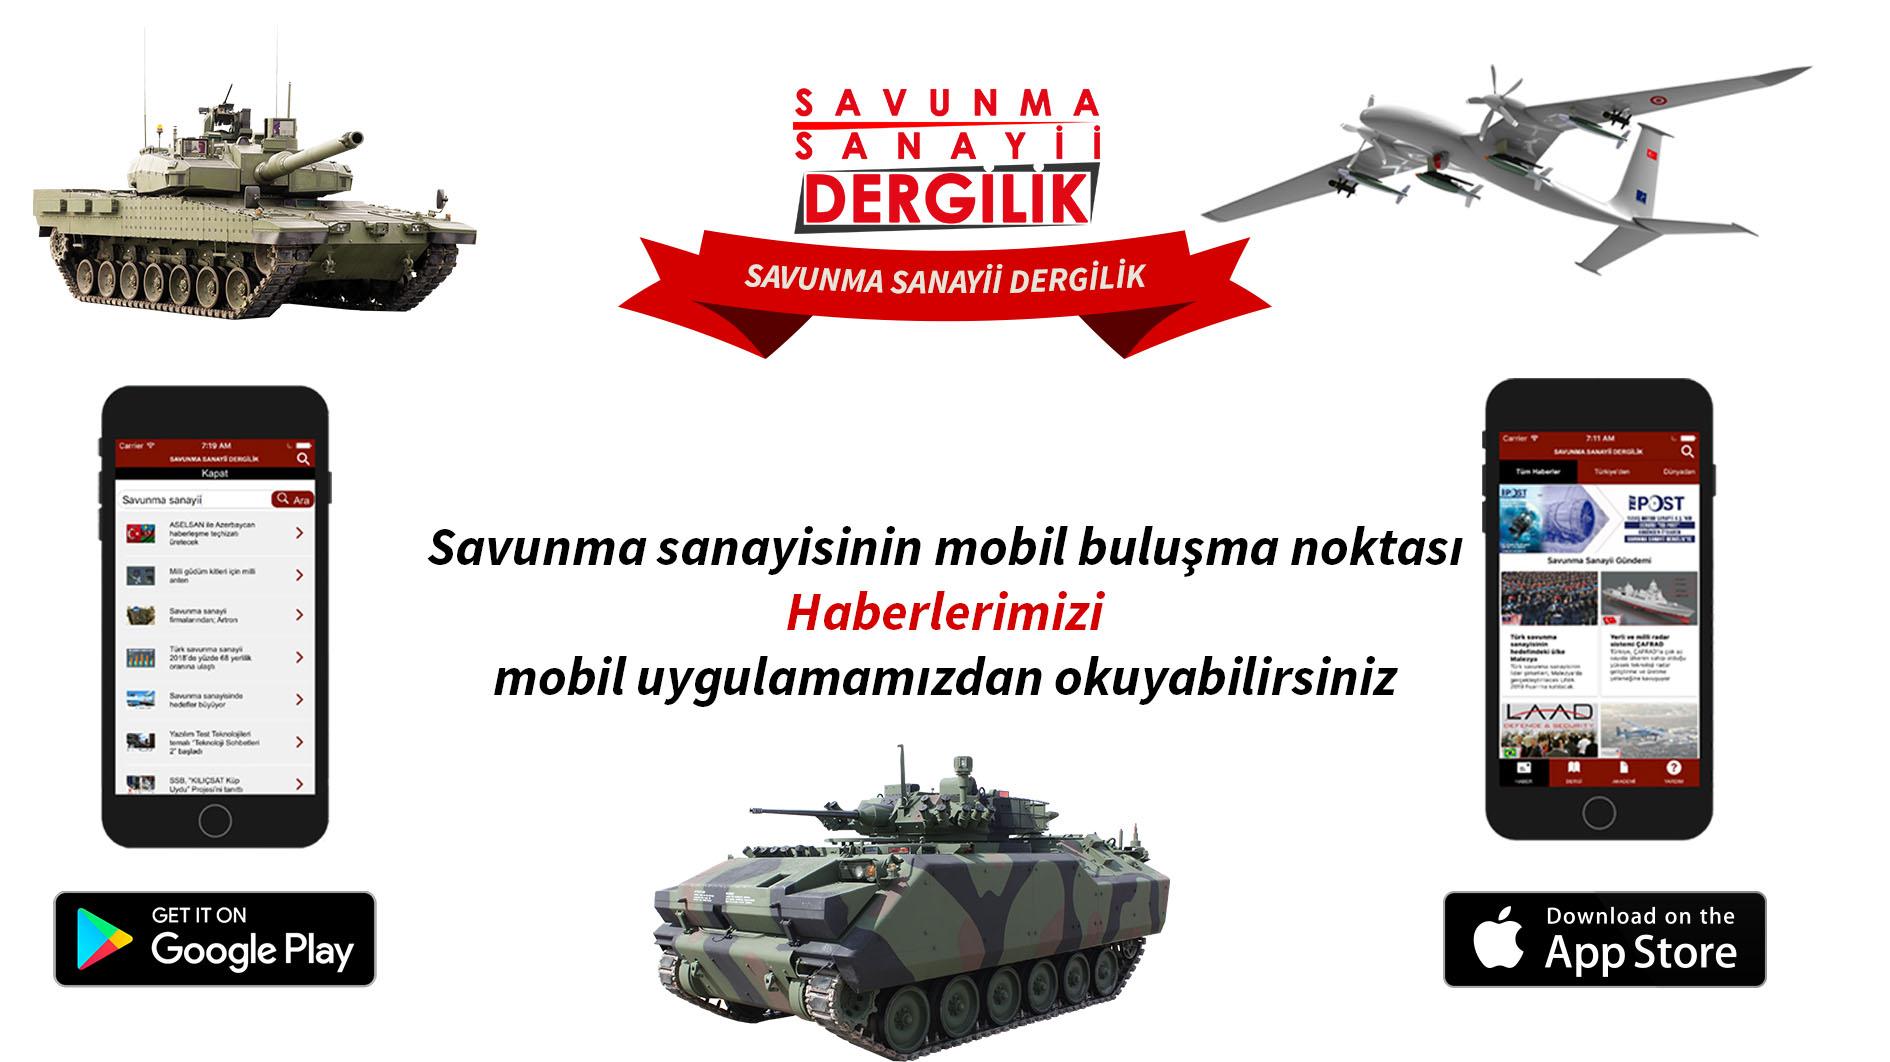 Savunma sanayisinin mobil buluşma noktası Savunma Sanayii Dergilik